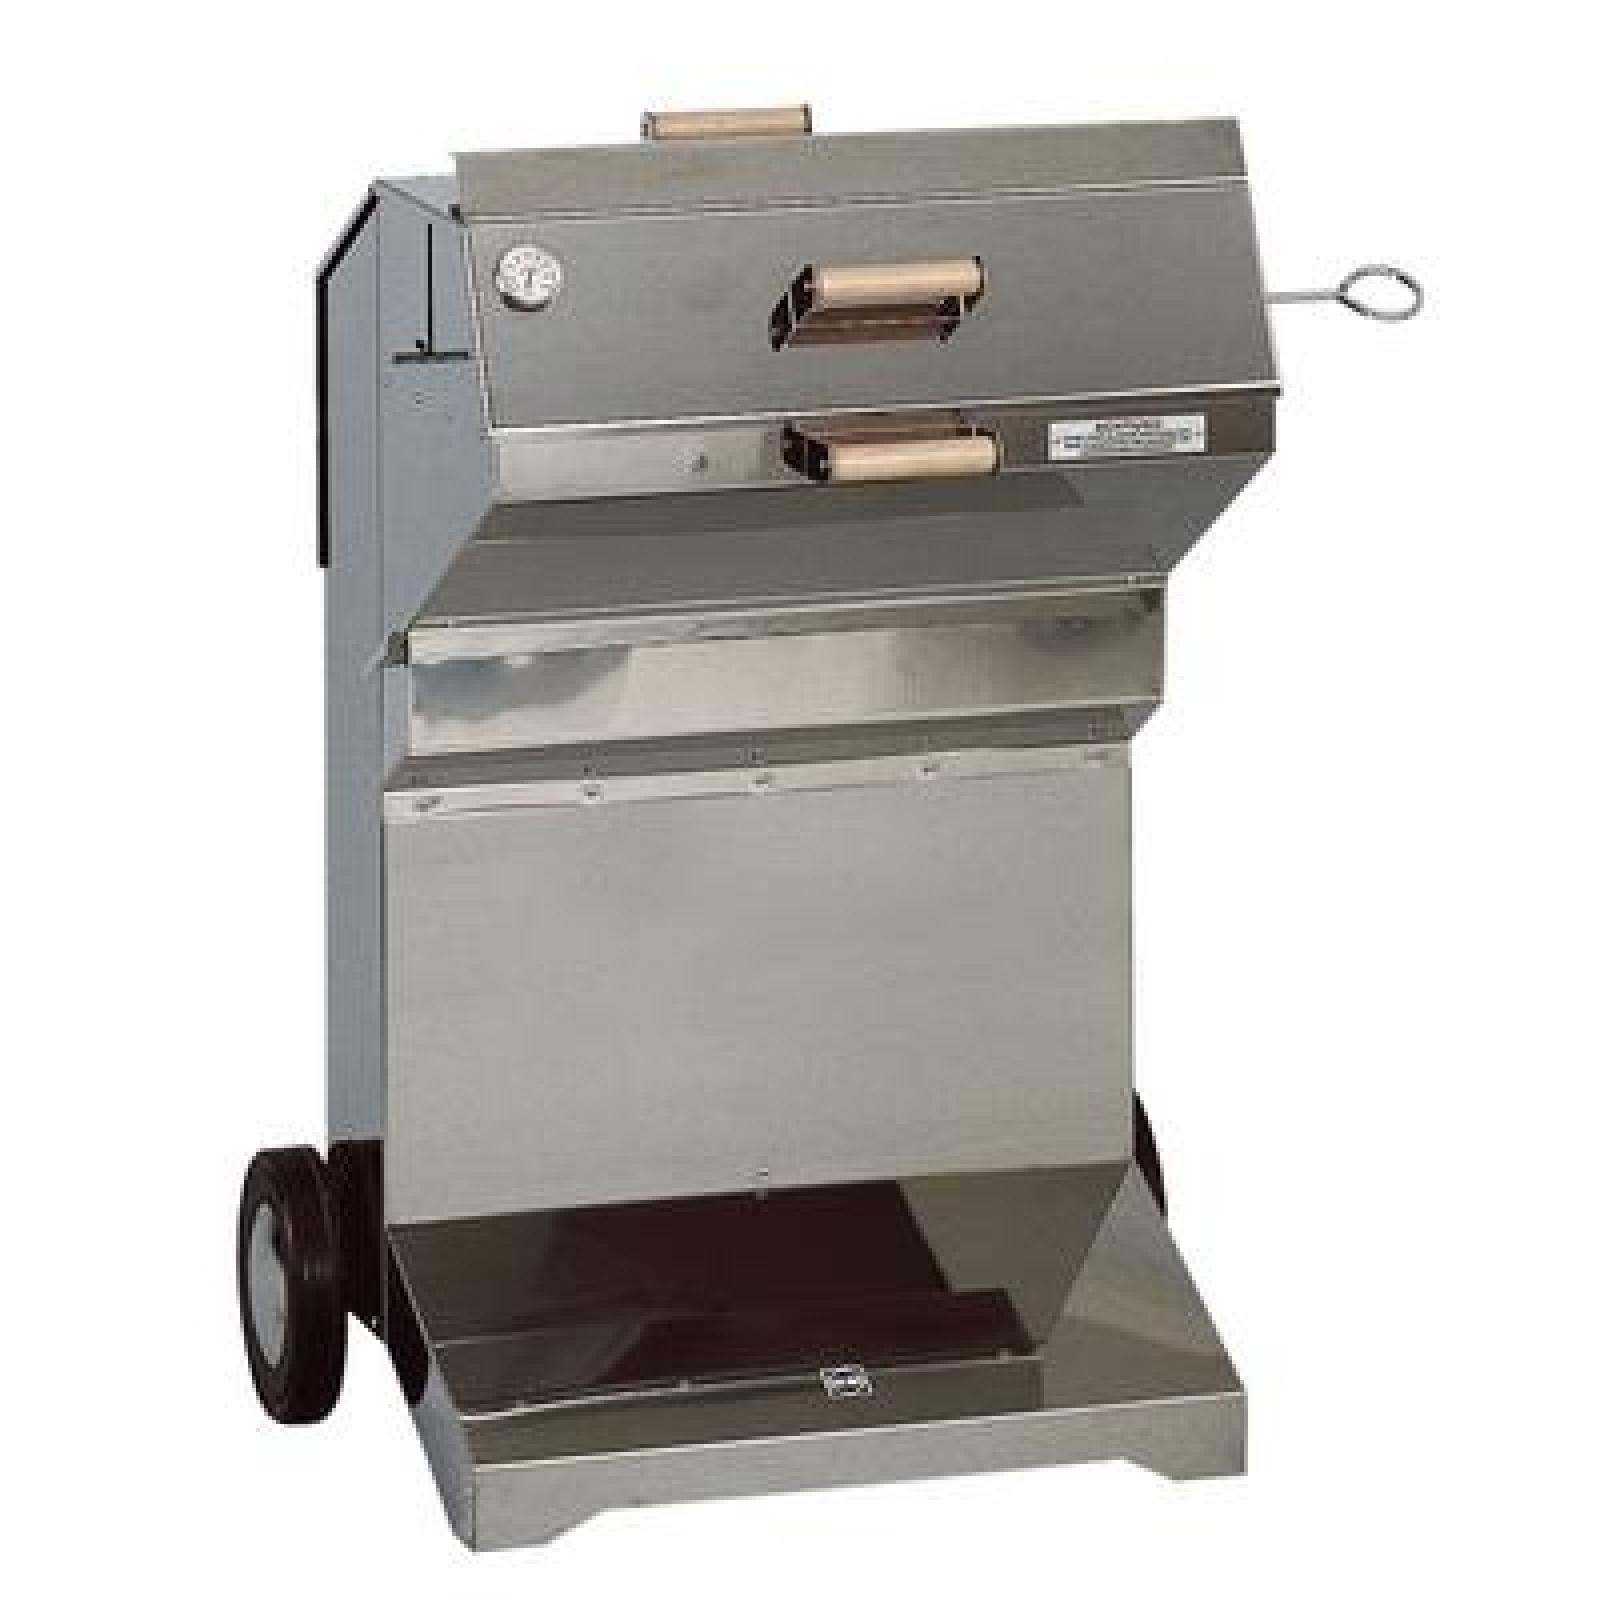 heibi edelstahl holzkohle grill 51195 072 ebay. Black Bedroom Furniture Sets. Home Design Ideas